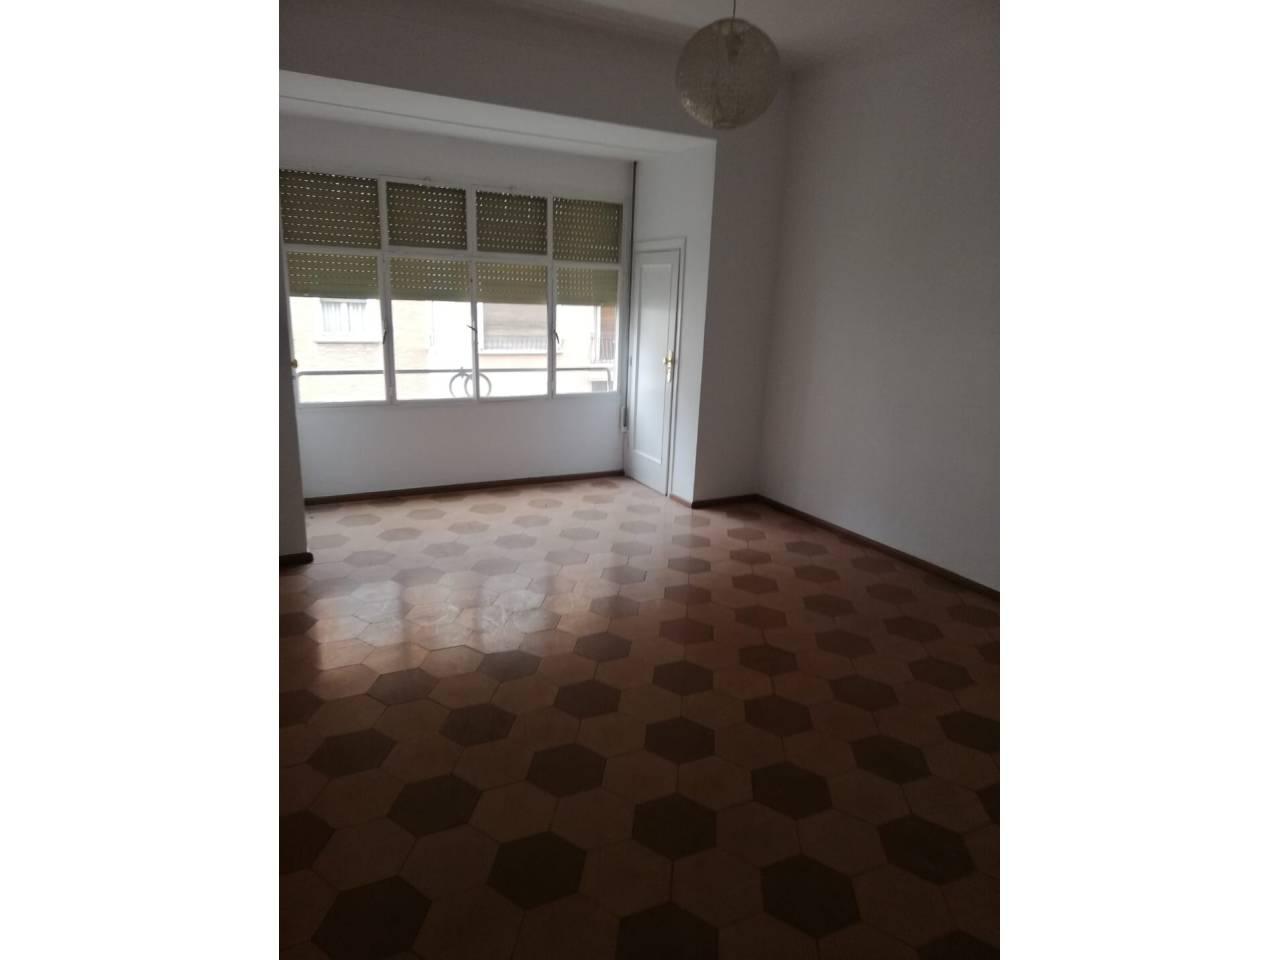 Alquiler Piso  Calle major. Piso de 200 m2 con 8 habitaciones.  el piso dispone de ocho ha